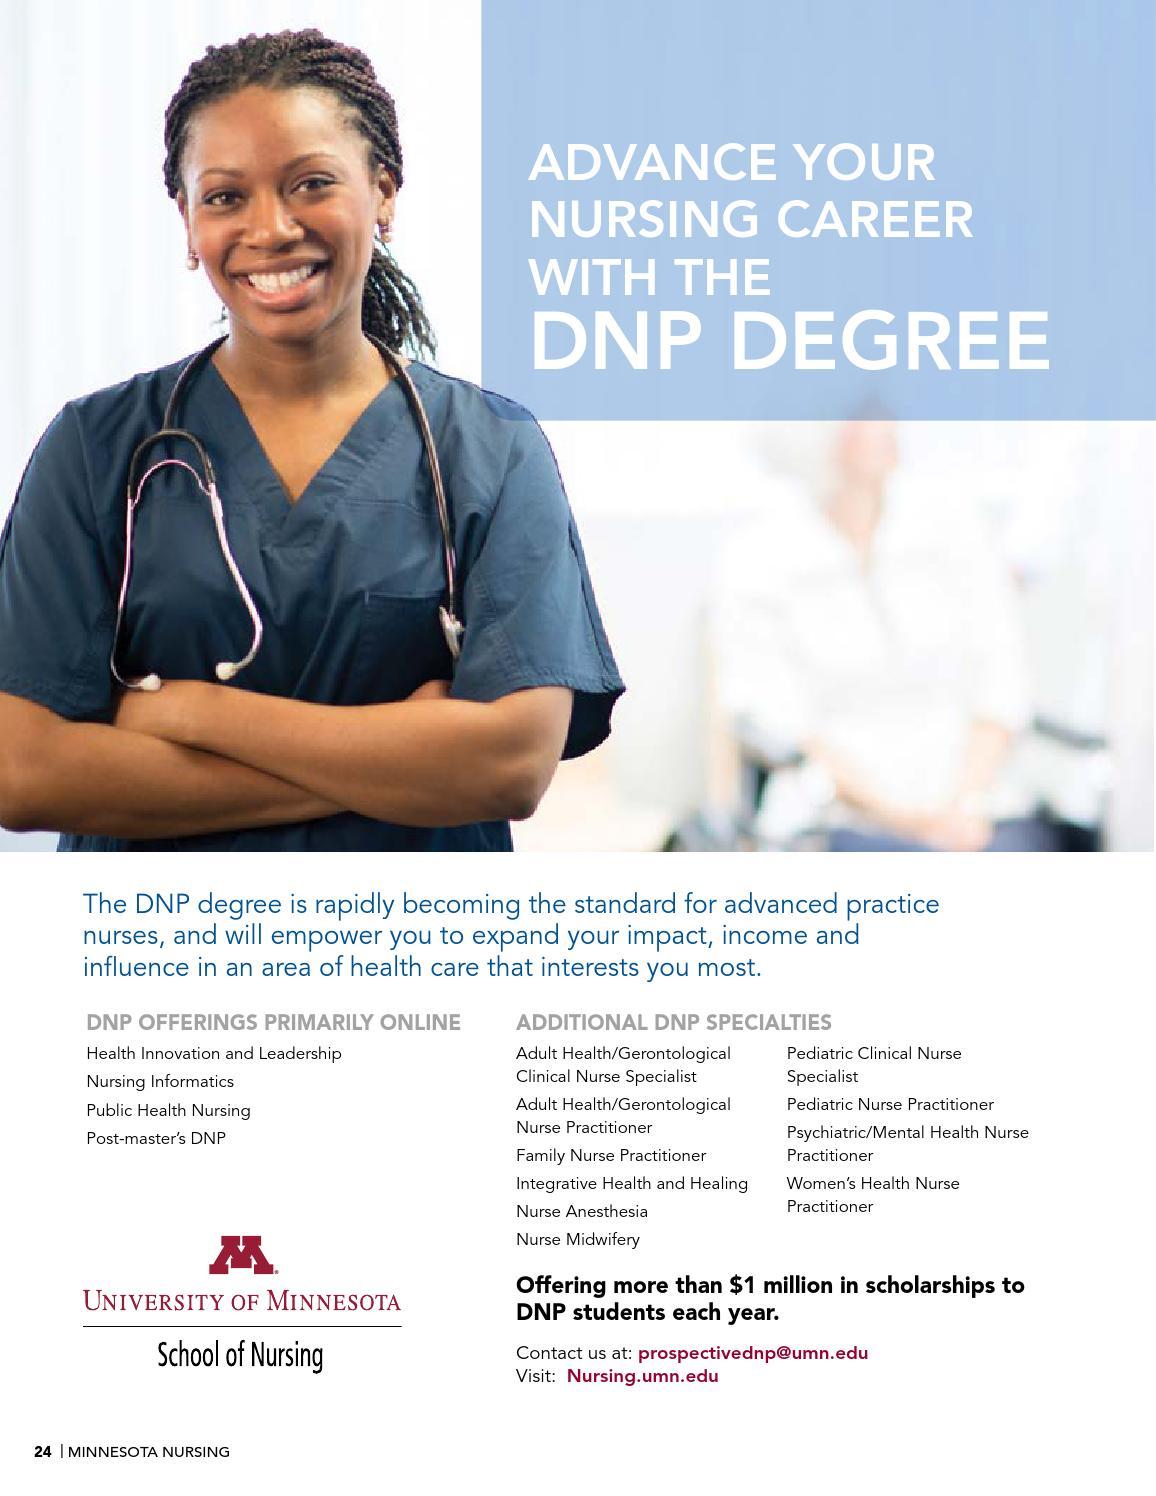 Minnesota Nursing Spring Summer 2016 by School of Nursing